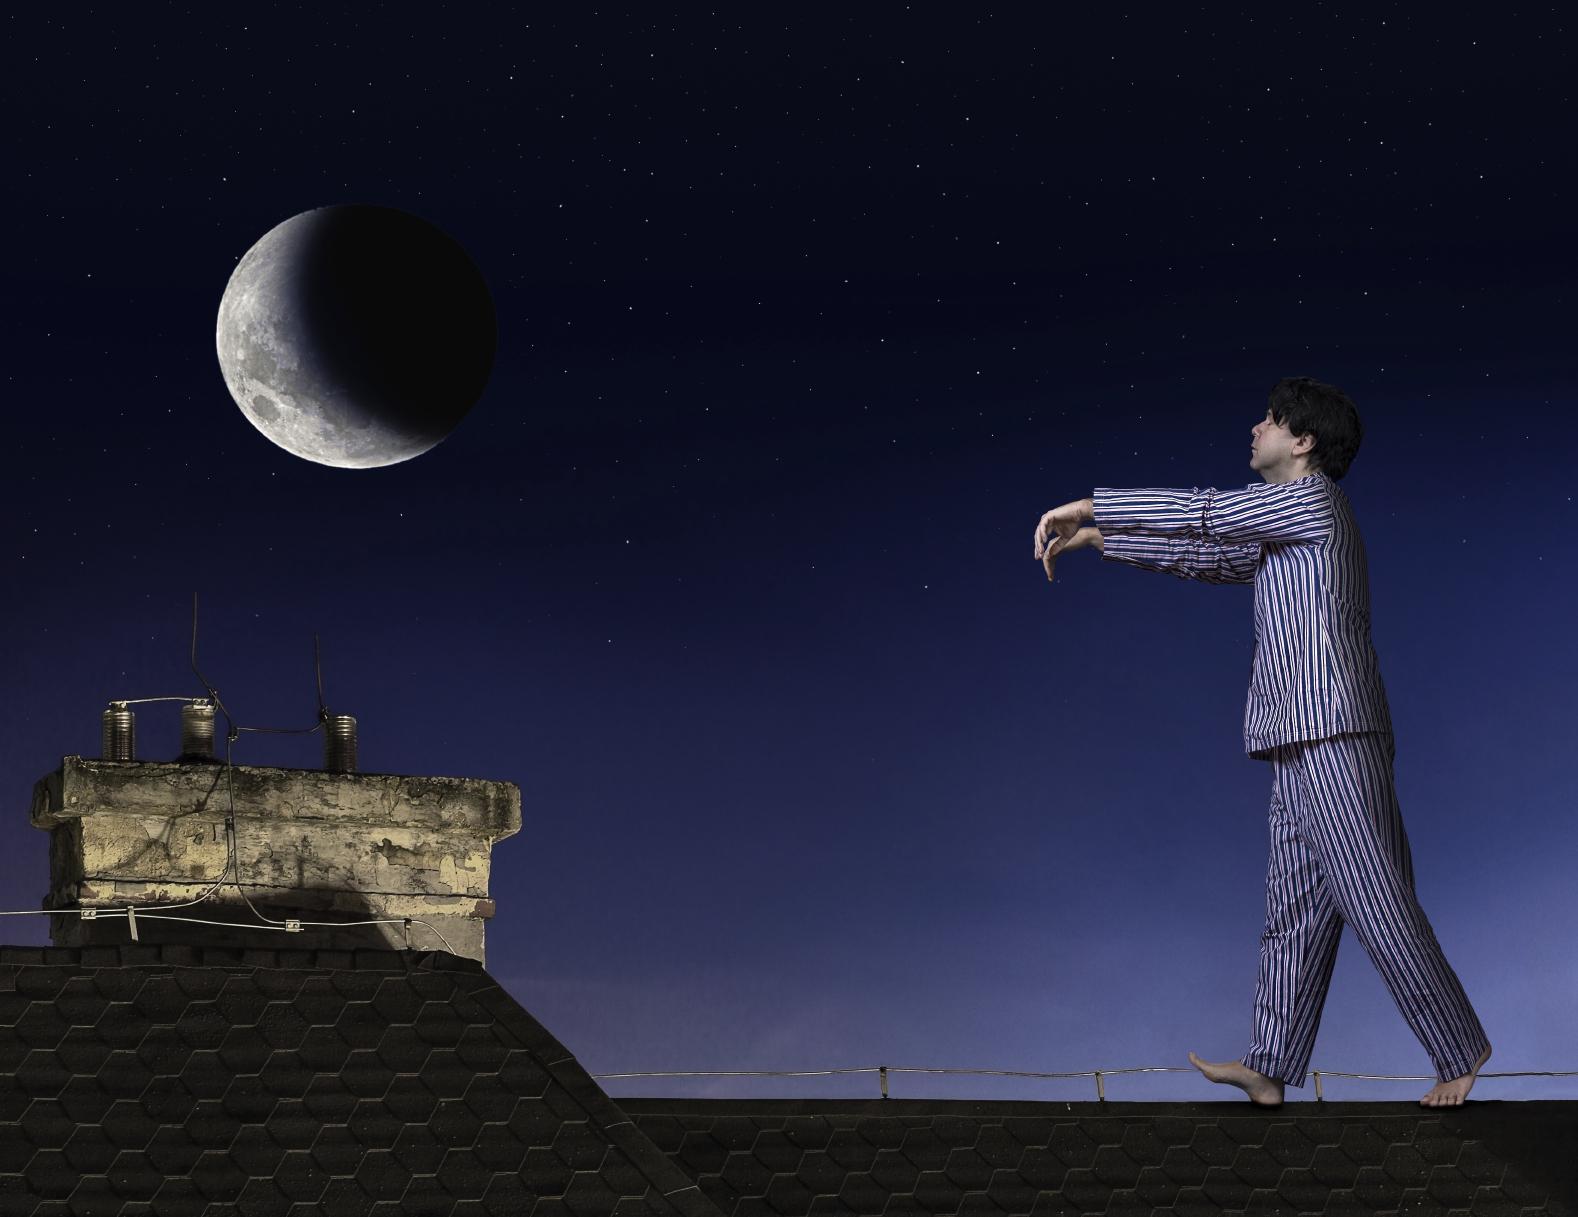 Заблуждение, что сомнамбул притягивает луна